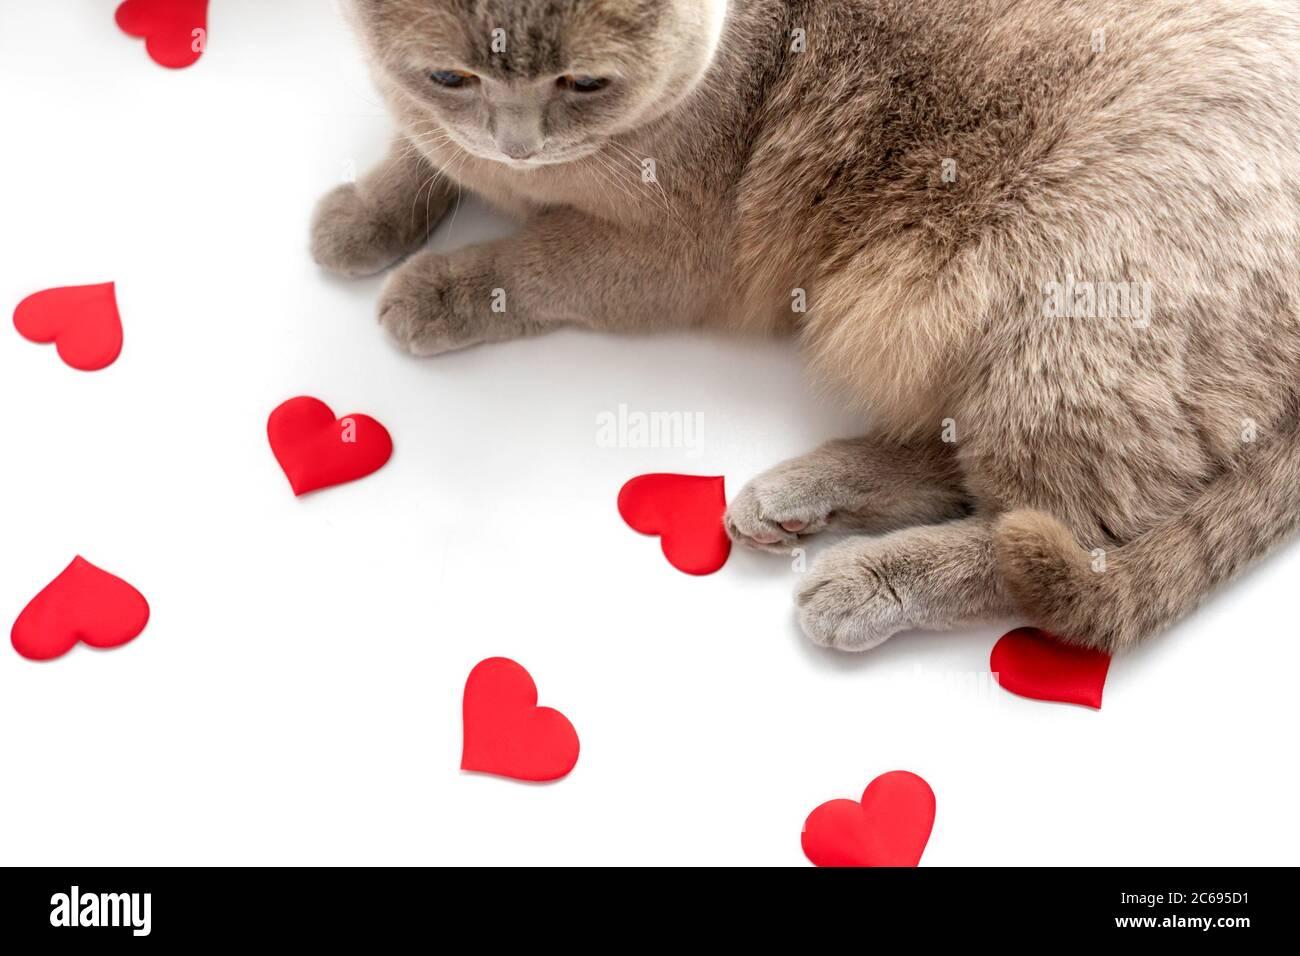 El gato lila británico mira los corazones rojos sobre fondo claro. El concepto del día de San Valentín. Foto de stock